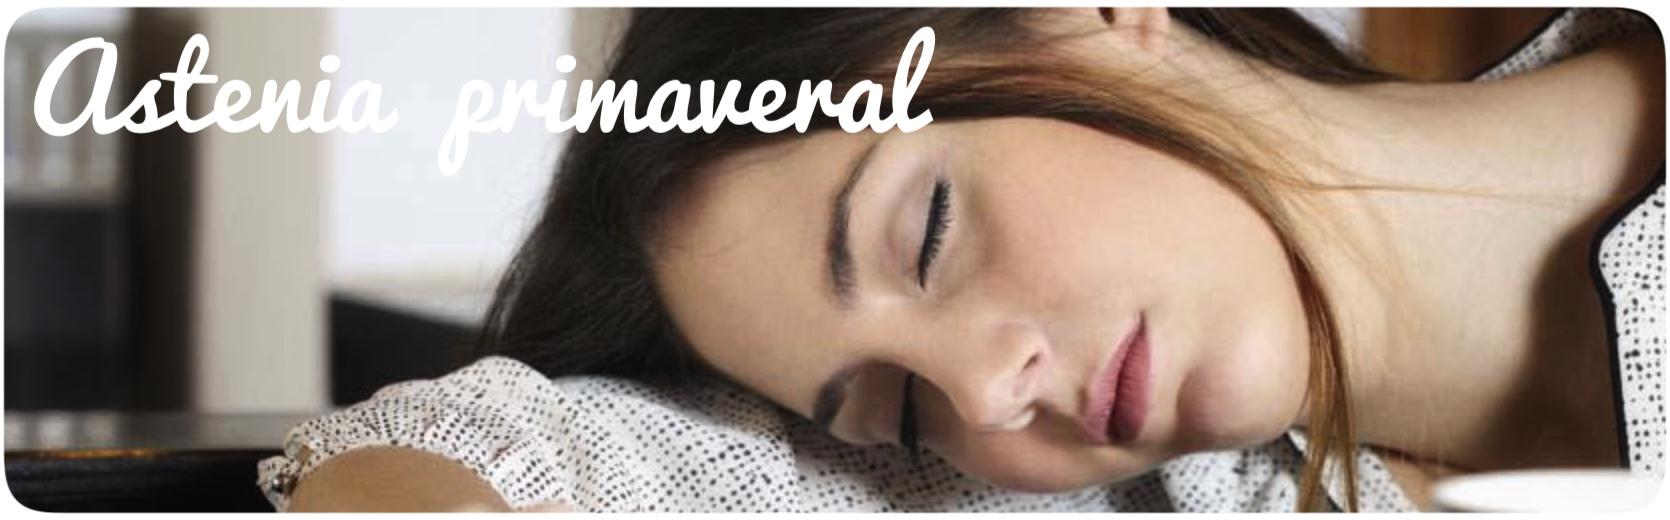 astenia,primavera,cansancio,depuración,sueño,relajación,plantas medicinales, herbolario online, cosmética natural, tratamientos naturales, productos naturales